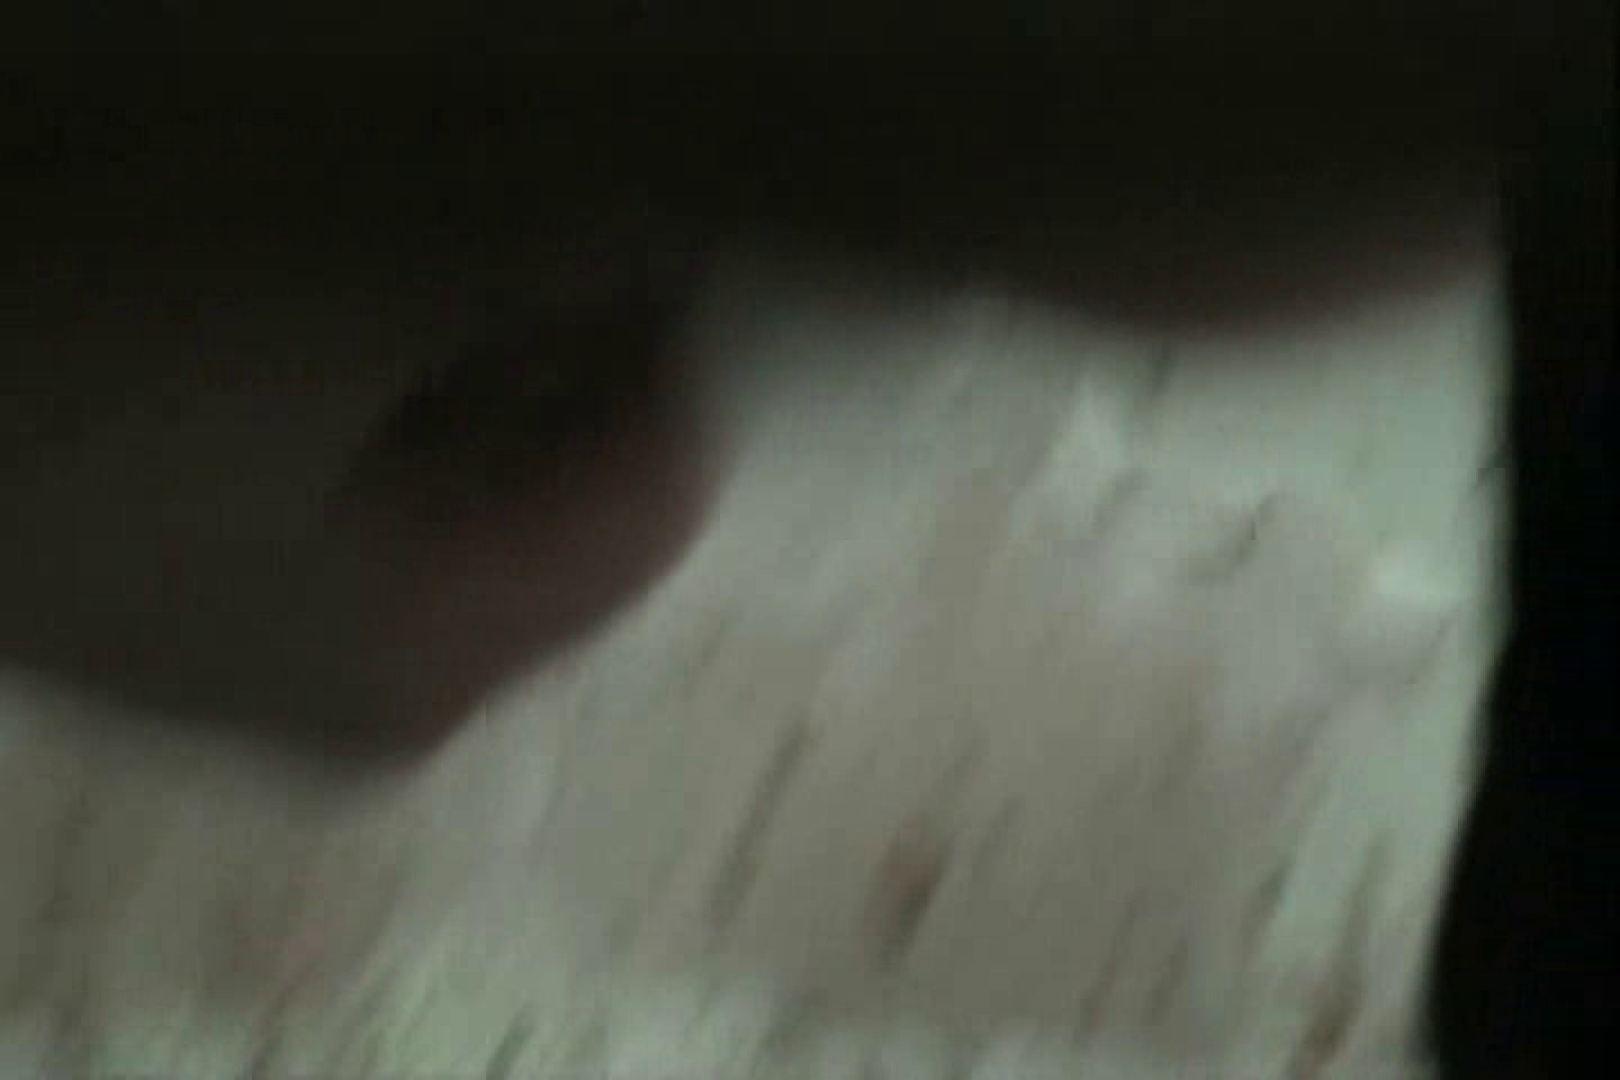 ぼっとん洗面所スペシャルVol.4 おまんこ 覗きおまんこ画像 94PIX 4